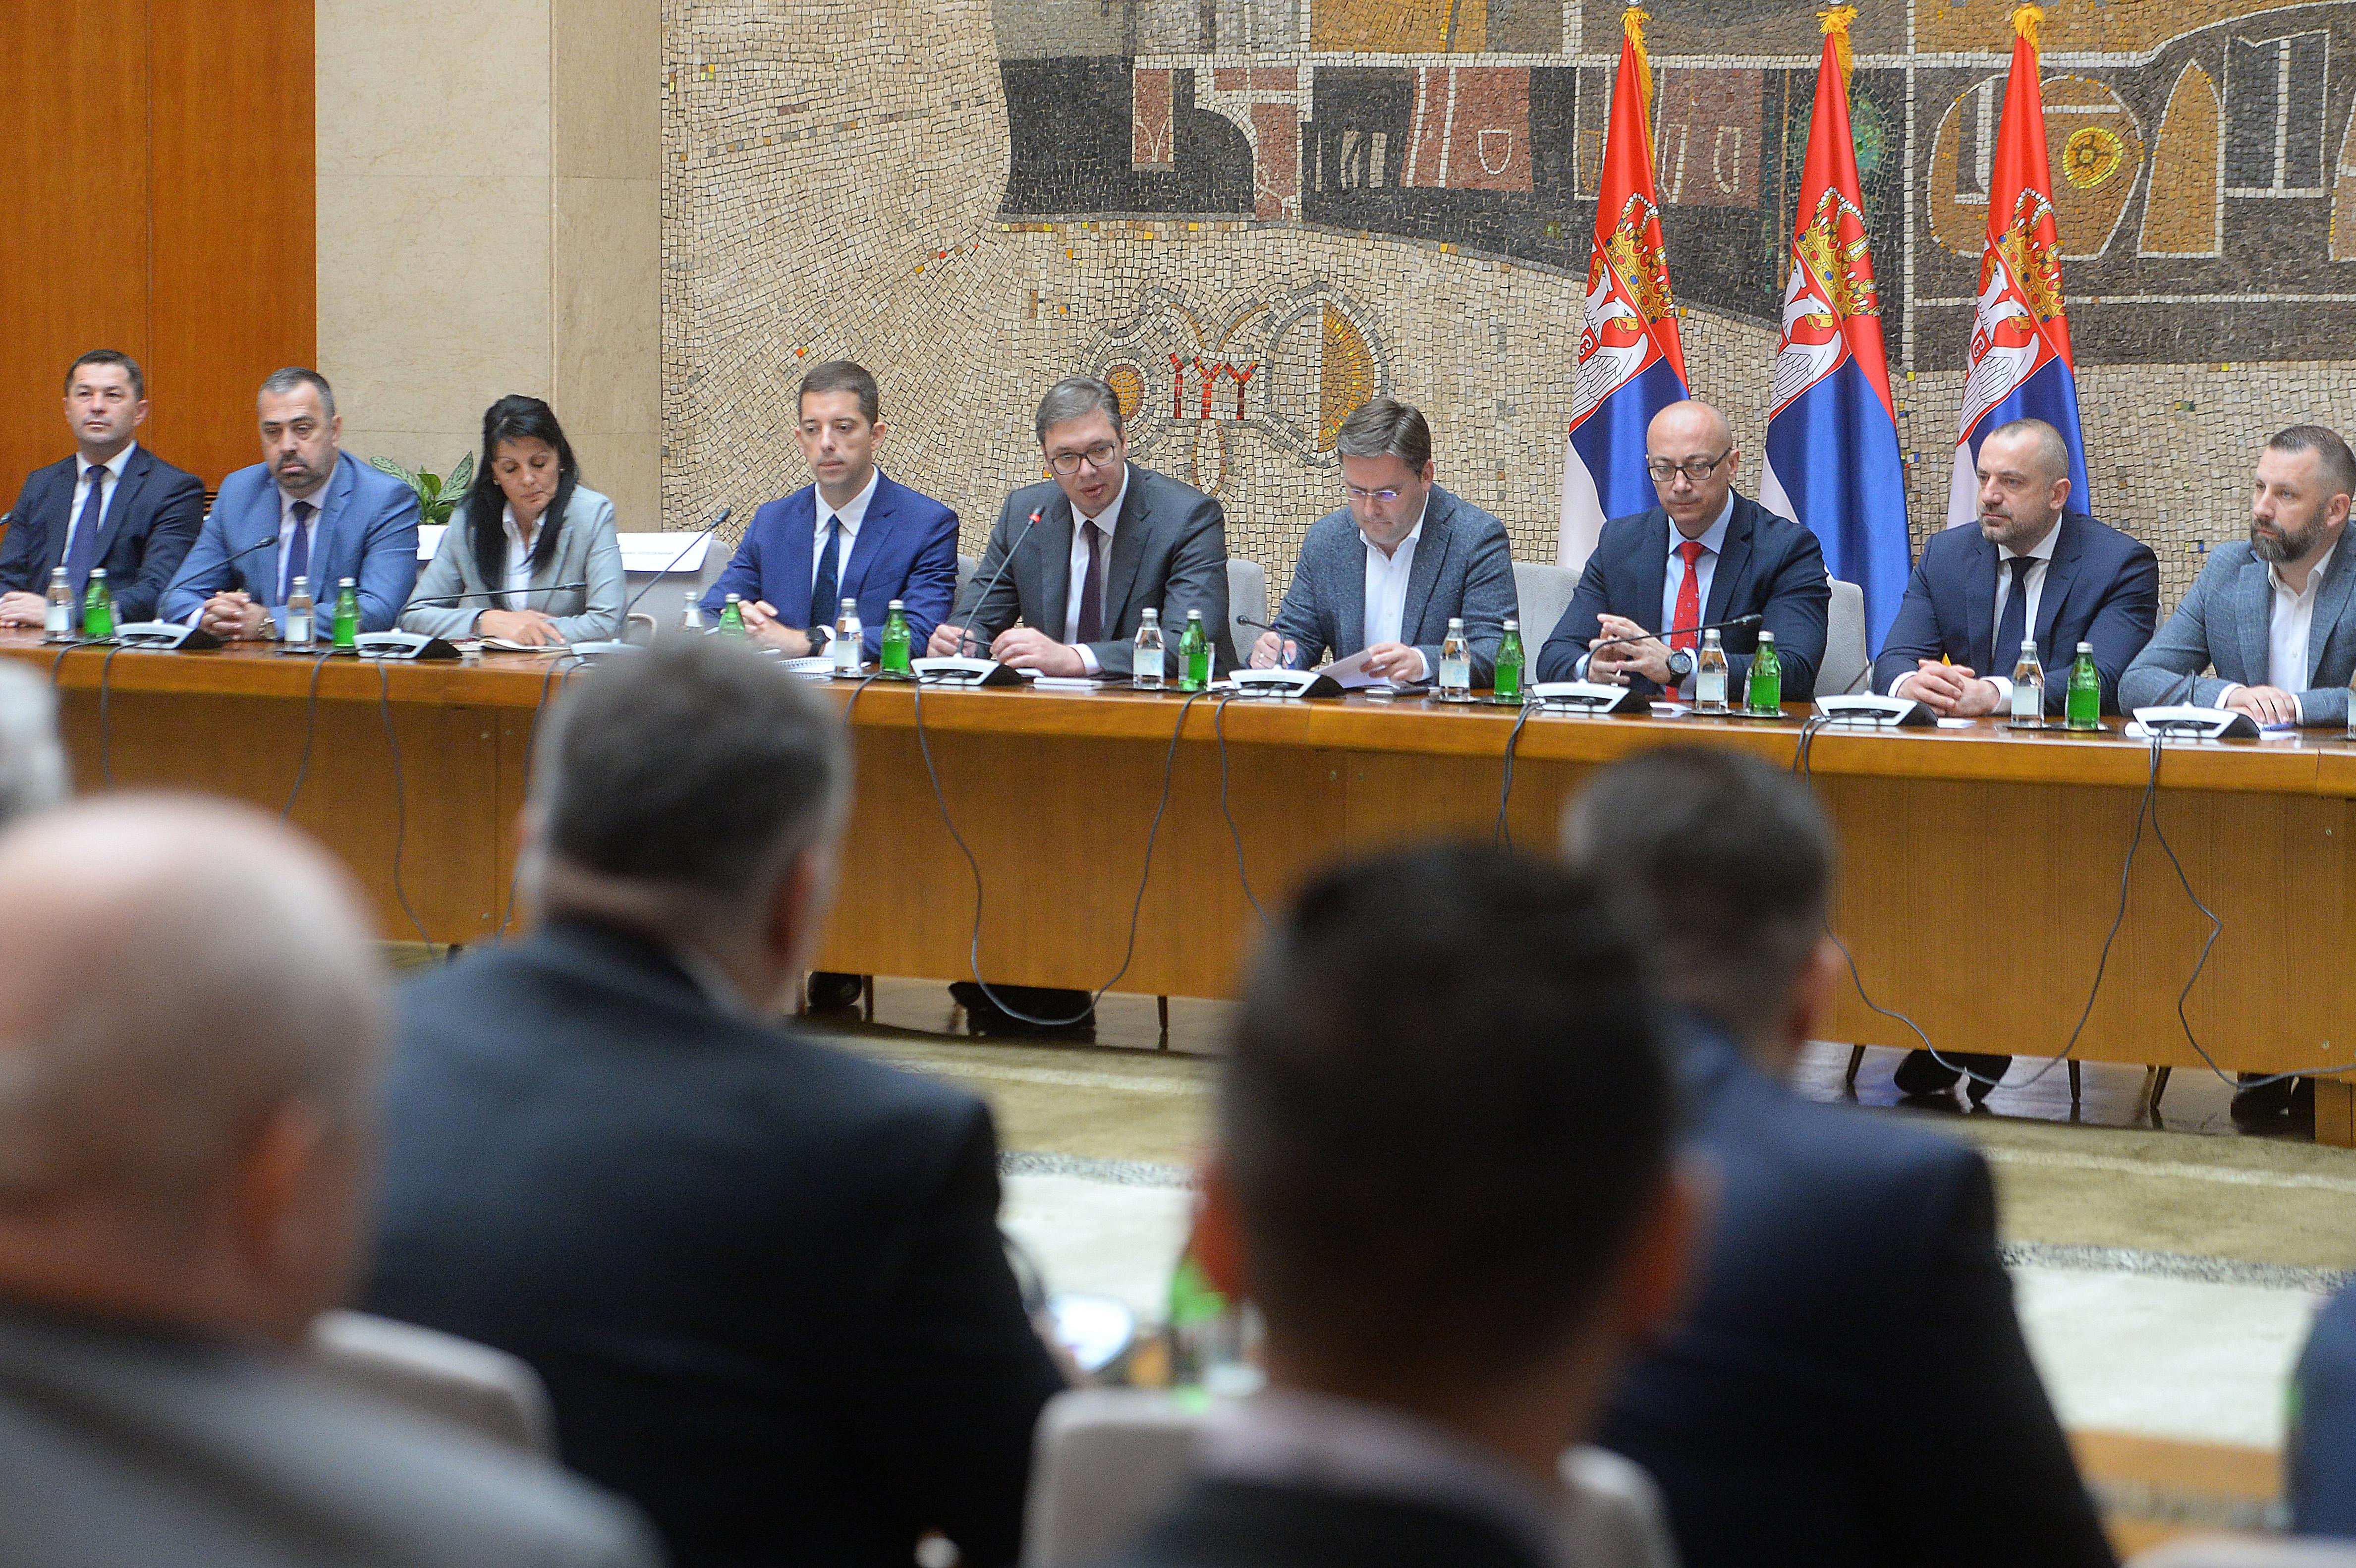 Predsednik Aleksandar Vucic sastao se danas sa politickim predstavnicima Srba i najznacajnijih institucija Srbije na Kosovu i Metohiji